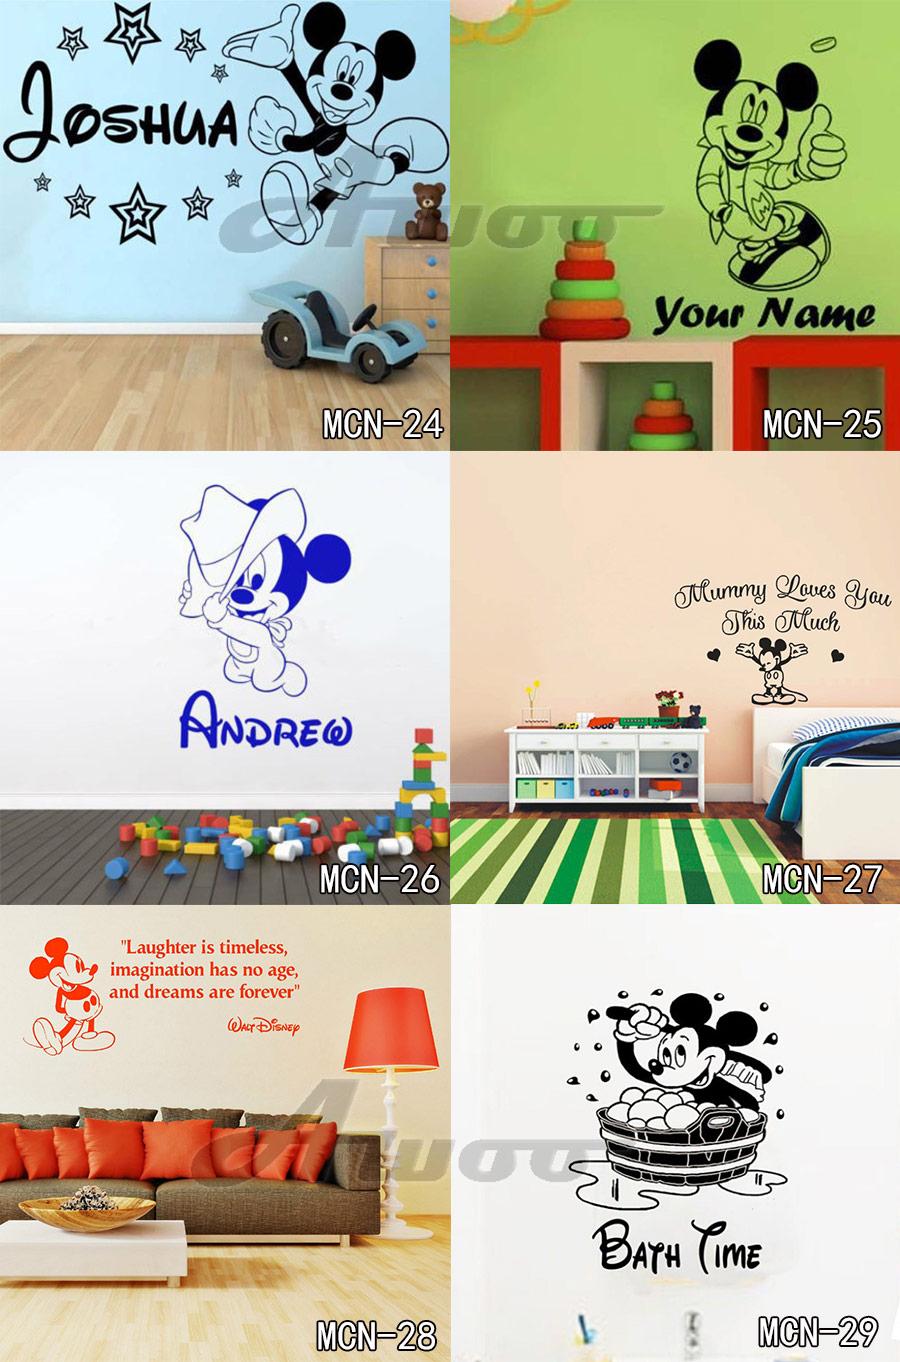 HTB1bw4uRpXXXXa3aXXXq6xXFXXXO - Baby Mickey Mouse Warm Custom Name Wall Sticker For Kids Room